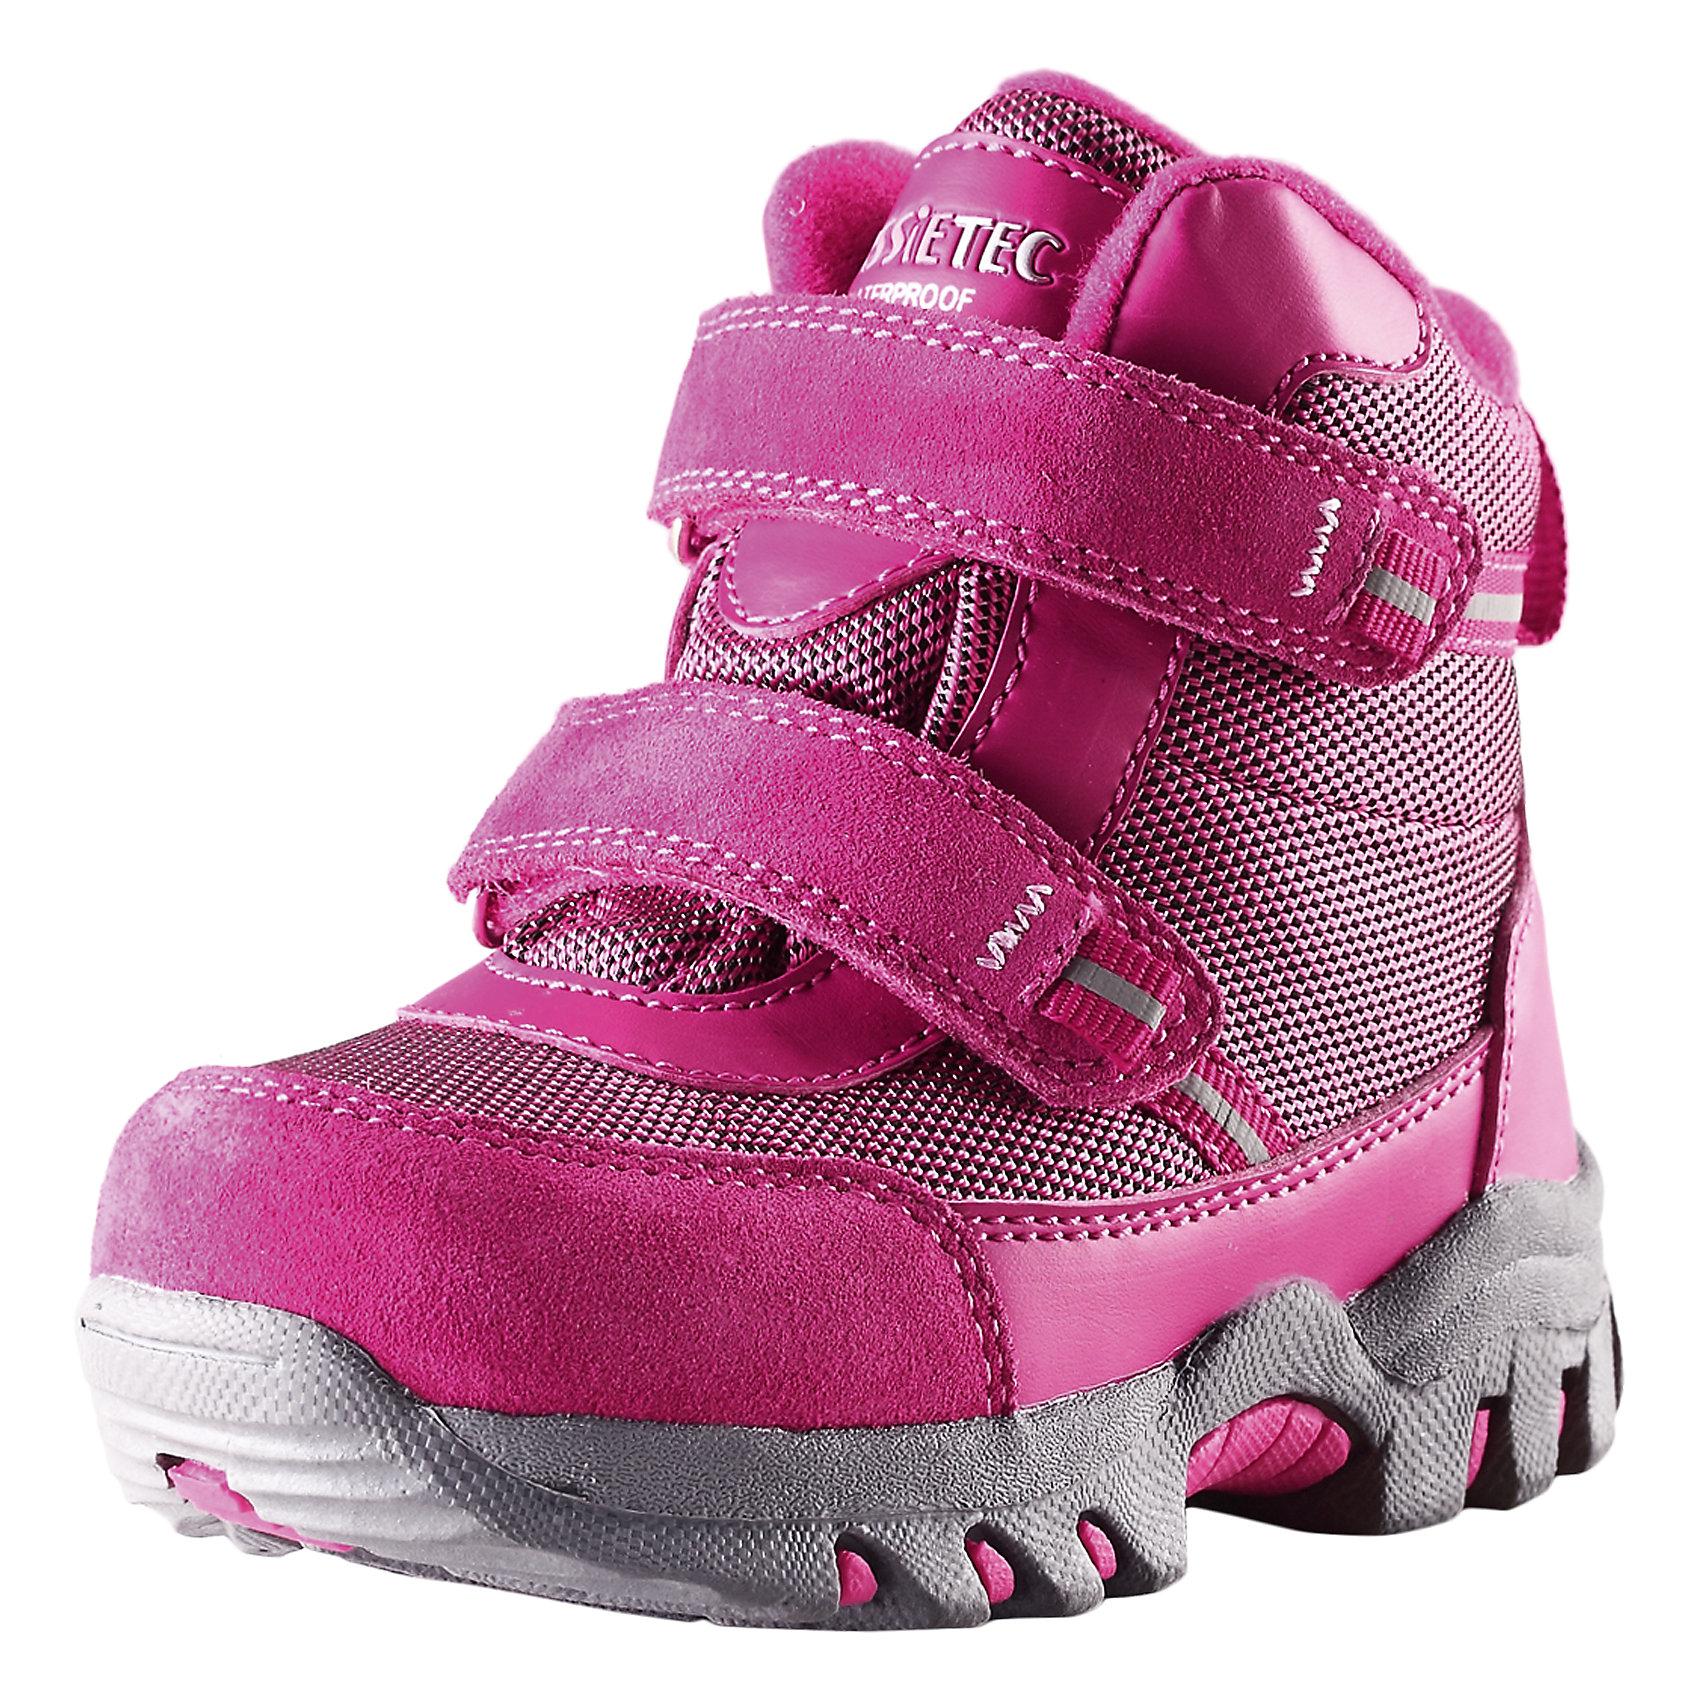 Ботинки для девочки  LASSIEЗимние ботинки для малышей Lassietec®. <br><br>- Водонепроницаемая зимняя обувь. <br>- Верх из натуральной замши (из телячьей кожи), синтетического материала и текстиля. <br>- Подошва из термопластичного каучука обеспечивает хорошее сцепление с поверхностью. <br>- Подкладка из искусственного меха. <br>- Съемные стельки. <br>- Простая застежка на липучке, имеющая две точки крепления. <br>- Светоотражающие детали.<br><br>Храните обувь в вертикальном положении при комнатной температуре. Сушить обувь всегда следует при комнатной температуре: вынув съемные стельки. Стельки следует время от времени заменять на новые. Налипшую грязь можно счищать щеткой или влажной тряпкой. Перед использованием обувь рекомендуется обрабатывать специальными защитными средствами.<br><br>Состав: Подошва: Термопластиковая резина, Верх: 70% ПЭ 20% ПУ 10% Кожа.<br><br>Ширина мм: 262<br>Глубина мм: 176<br>Высота мм: 97<br>Вес г: 427<br>Цвет: розовый<br>Возраст от месяцев: 36<br>Возраст до месяцев: 48<br>Пол: Женский<br>Возраст: Детский<br>Размер: 27,22,23,24,25,26<br>SKU: 4780902